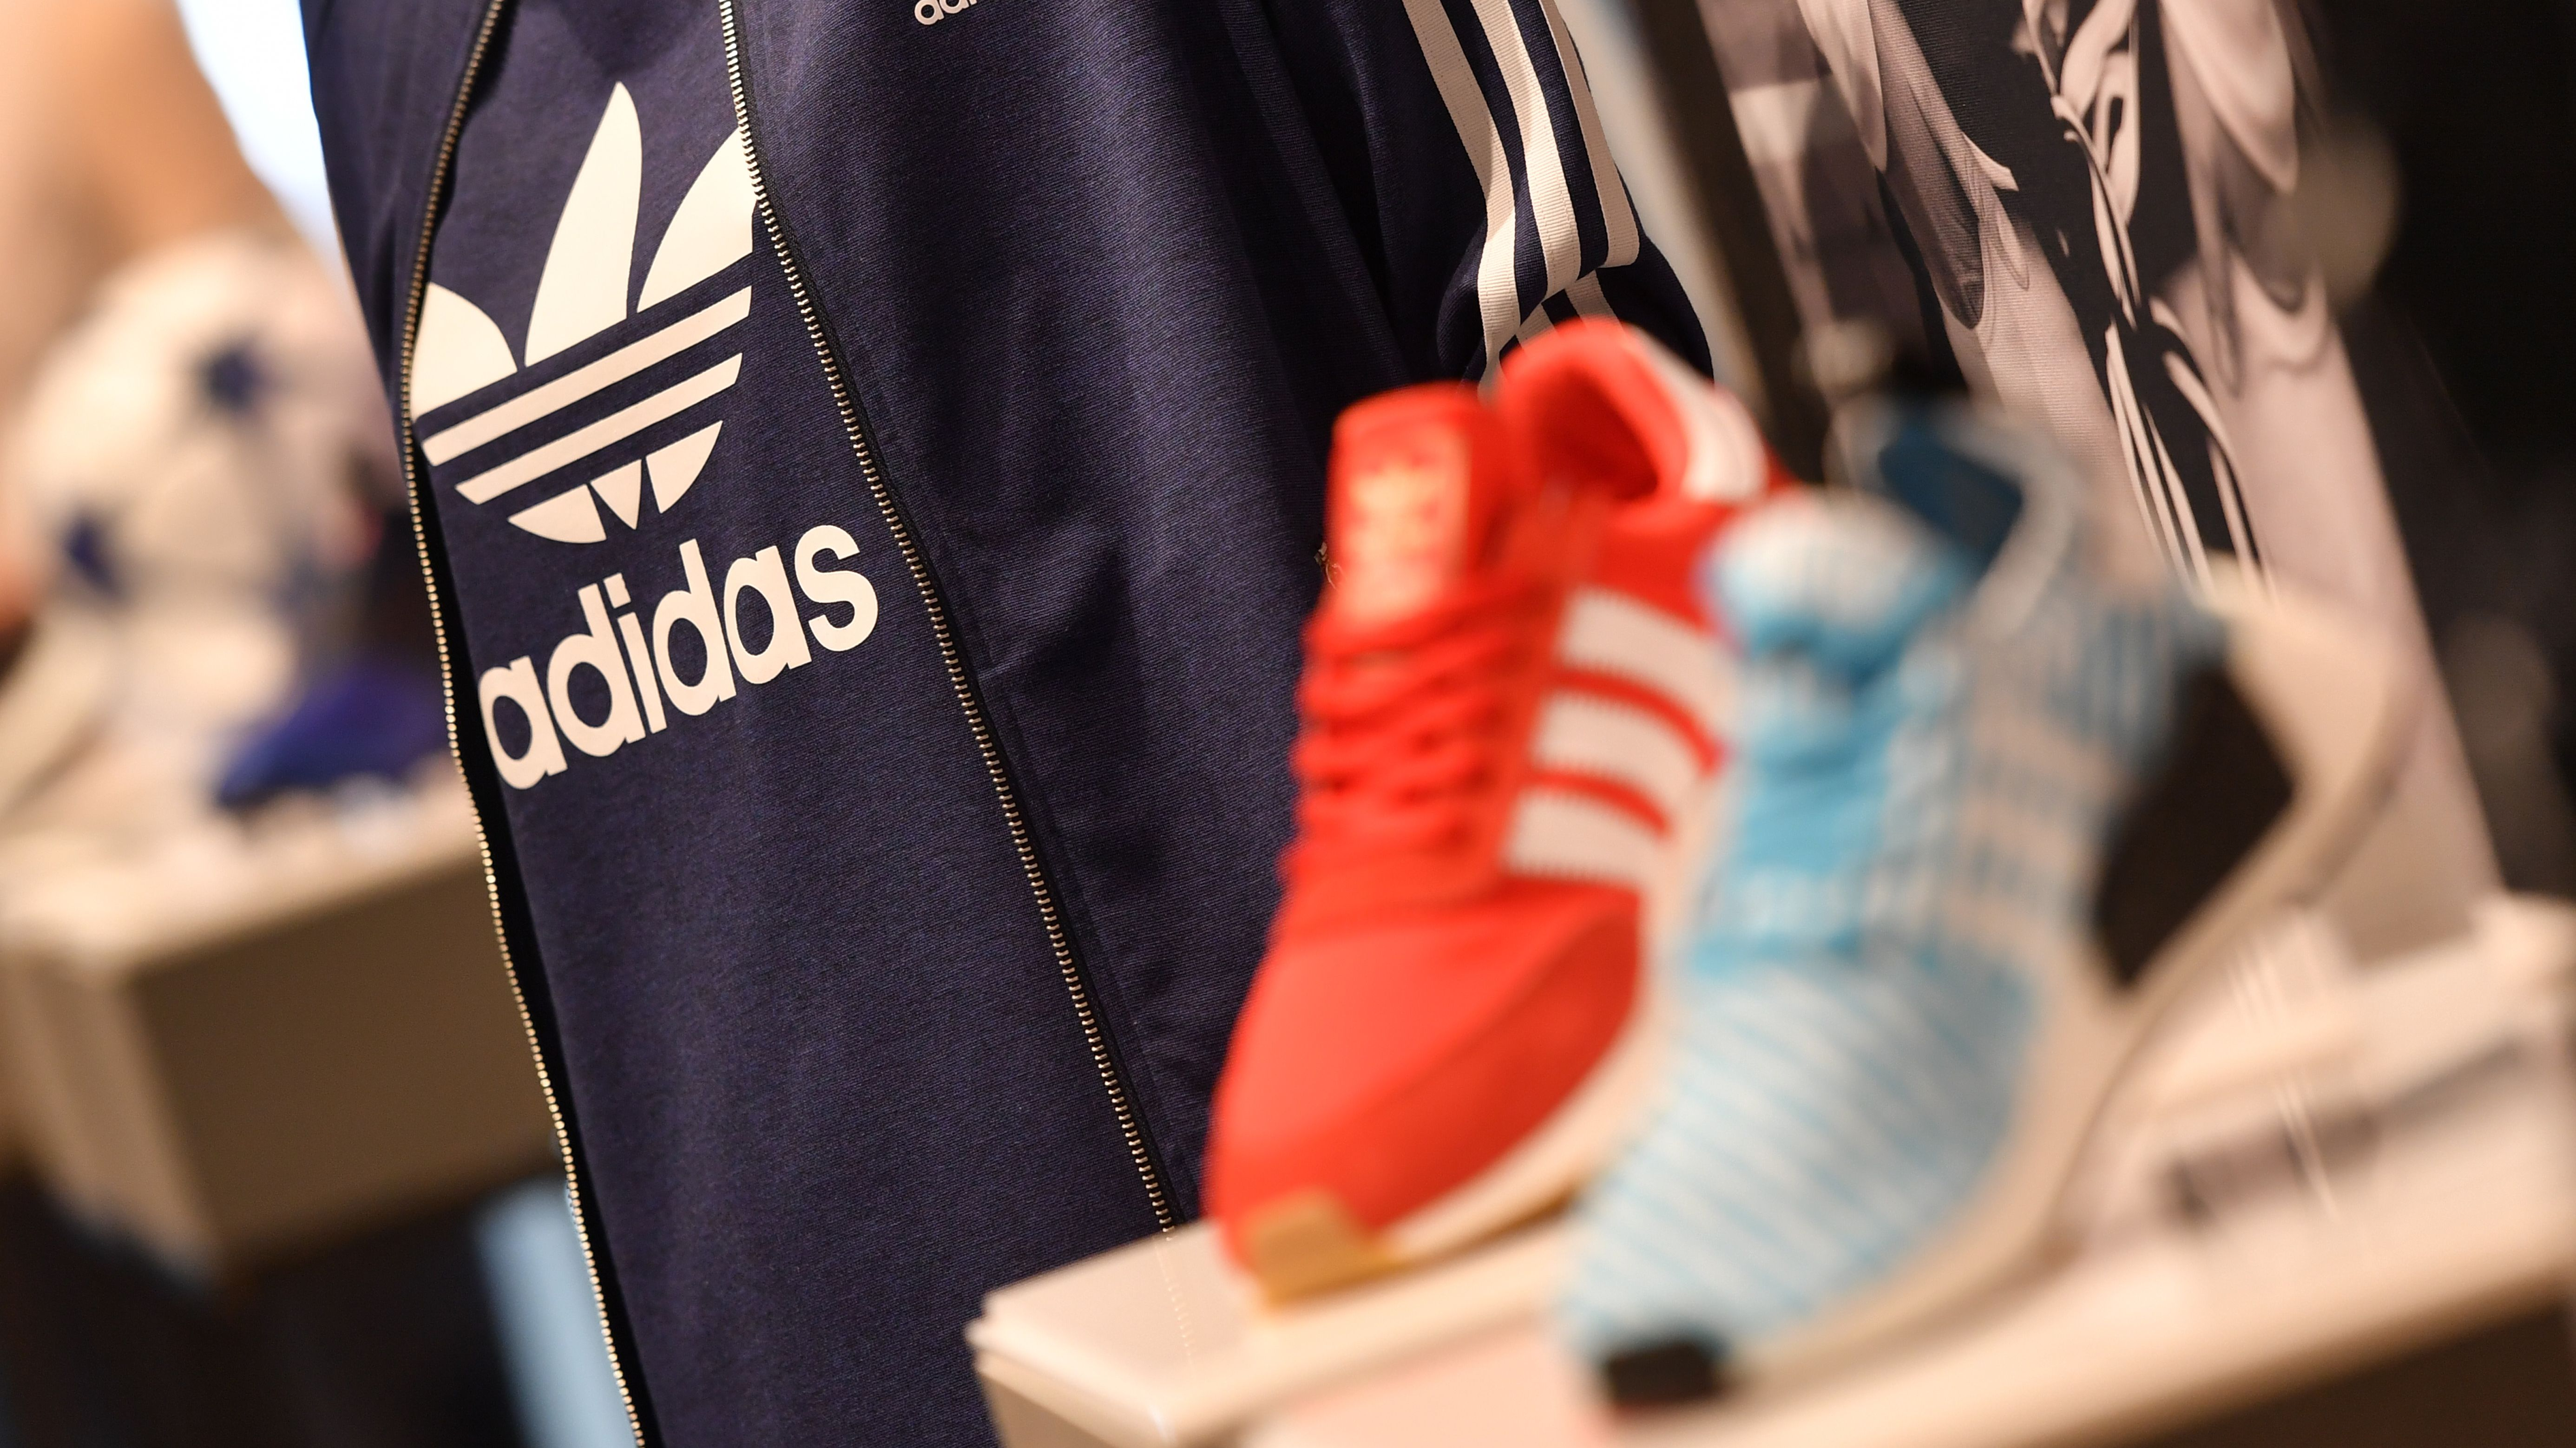 Schuhe und Kleidung von Adidas.